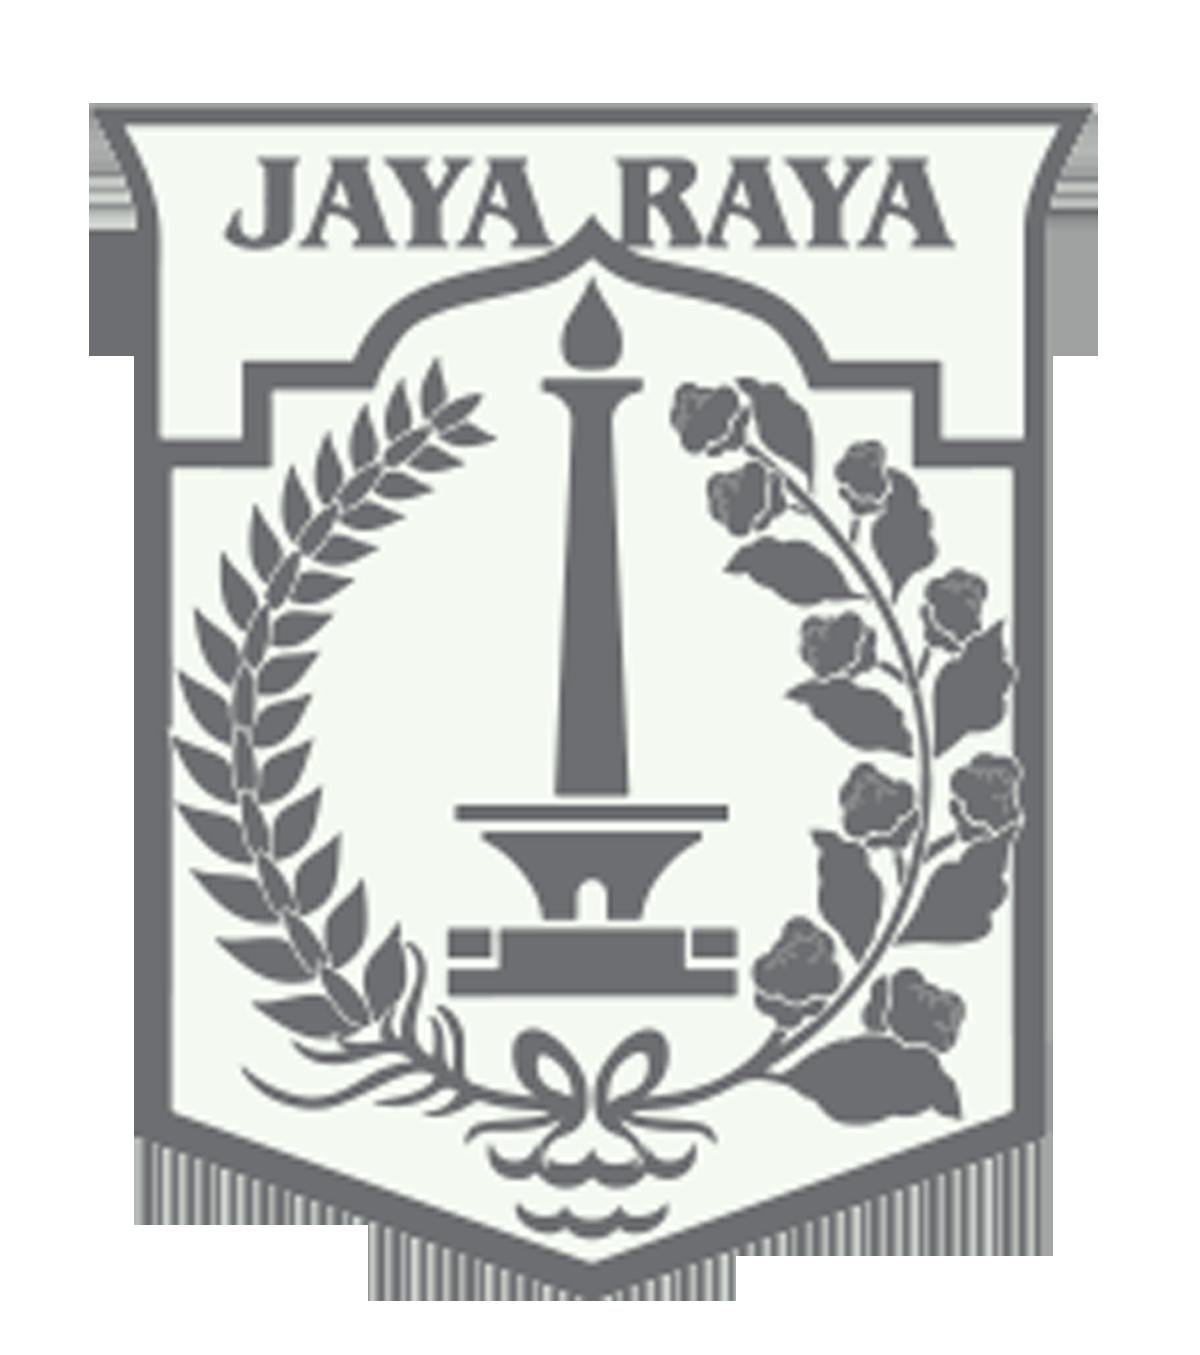 logo jaya raya png logo keren logo jaya raya png logo keren